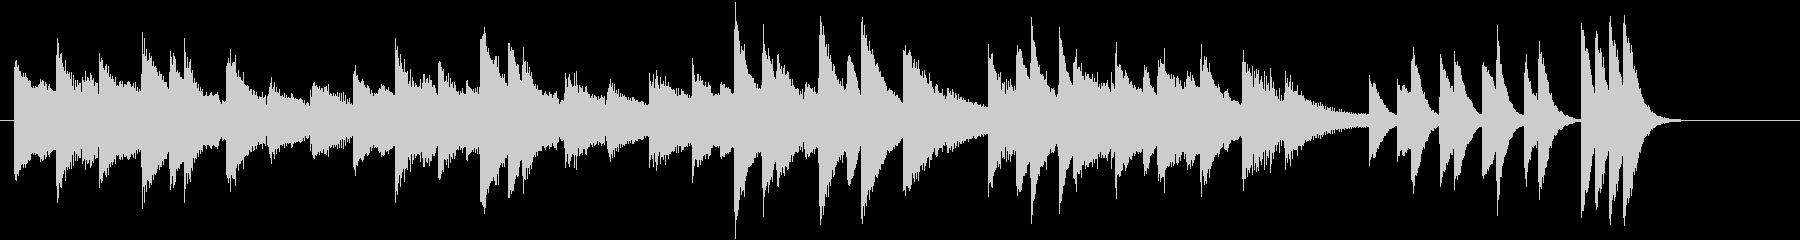 ウインターワンダーランドピアノジングルDの未再生の波形